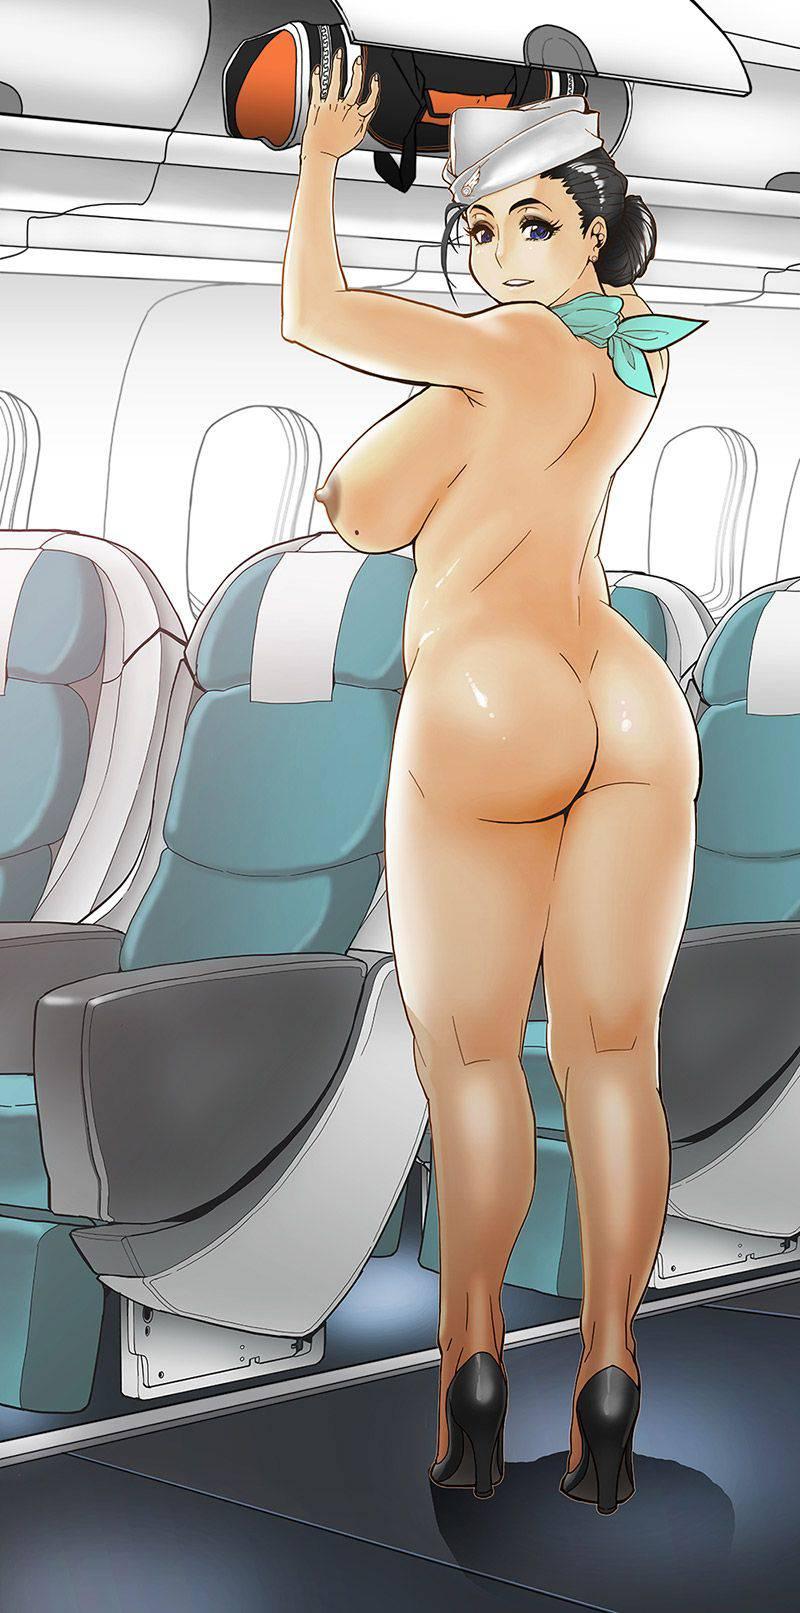 【ヌーディスト】恥じらい無く人前で全裸になってる二次野外露出画像【39】